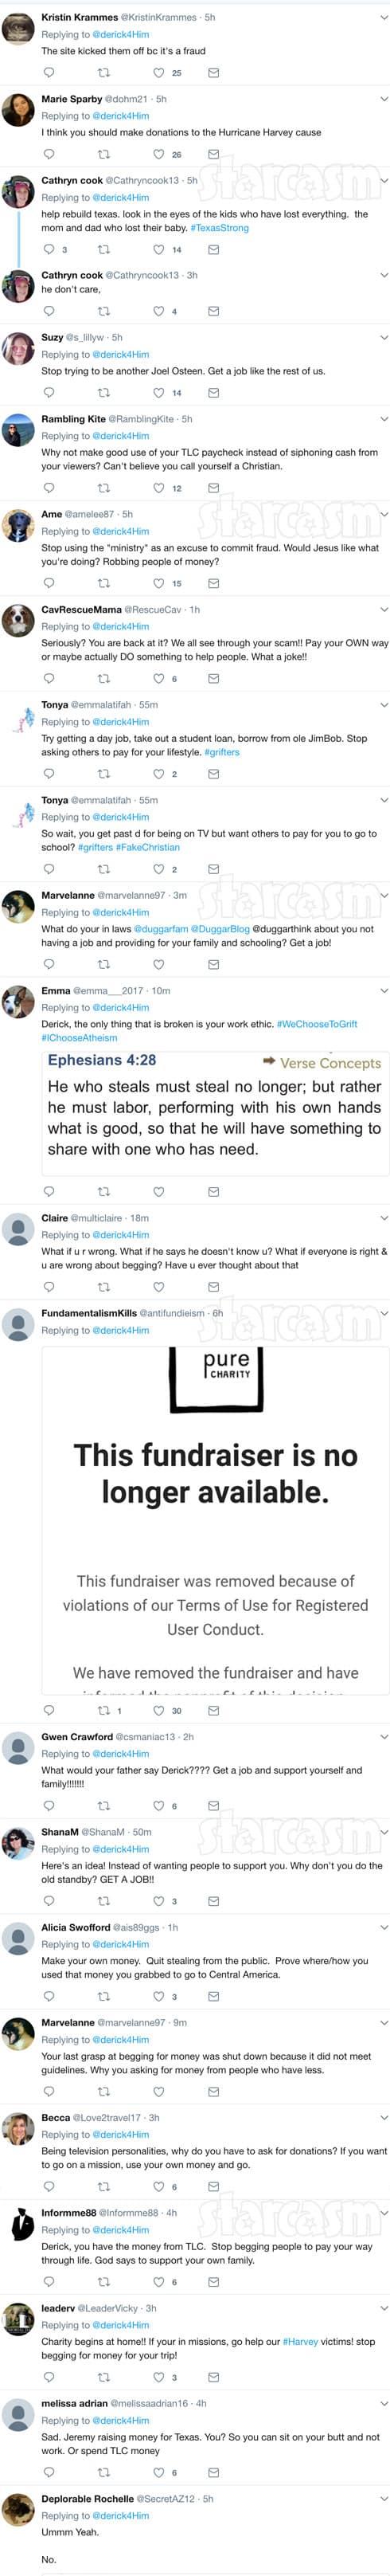 Derick Dillard fundraiser Twitter reactions